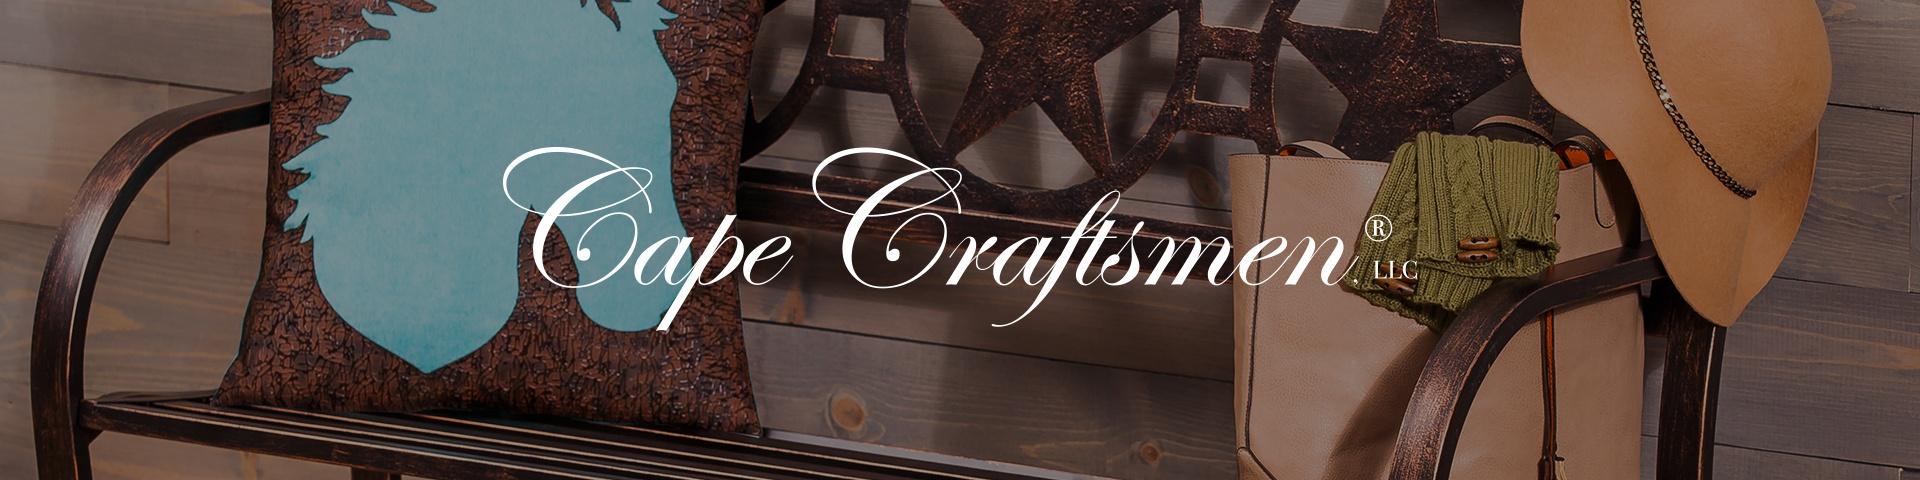 Cape Craftsman